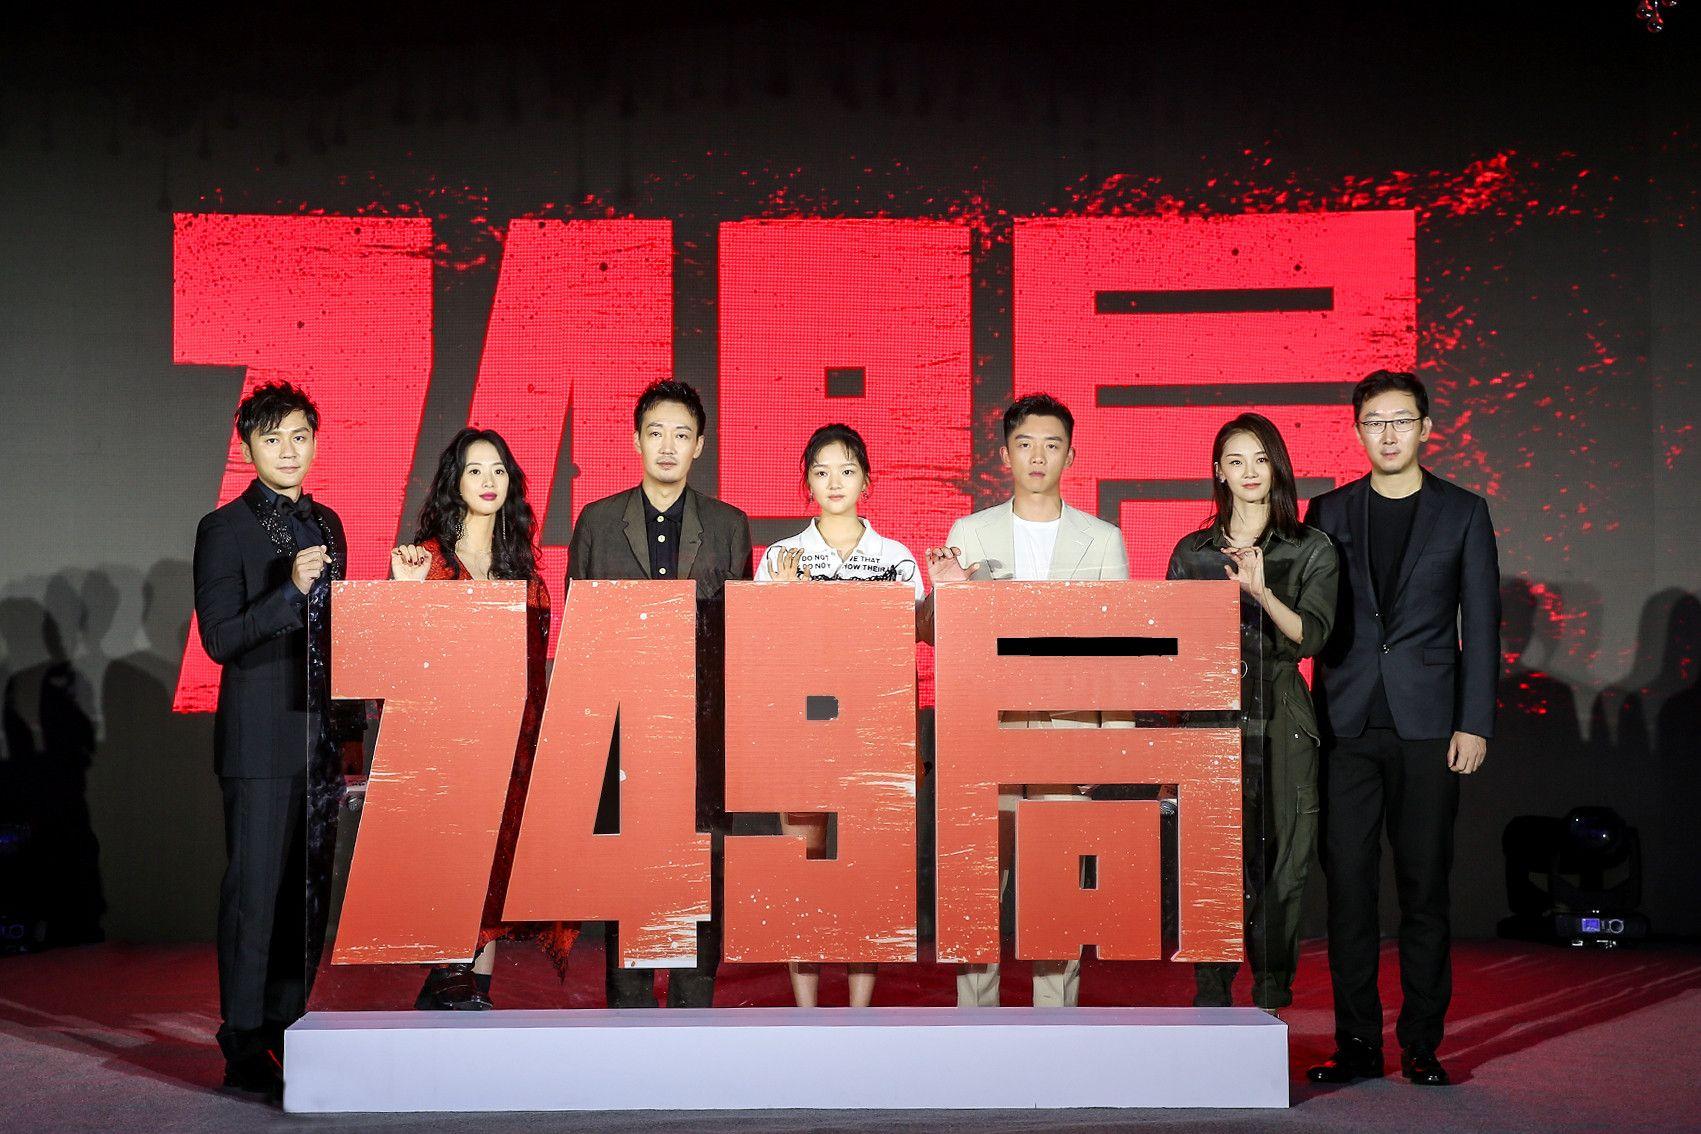 陆川新片《749局》首次曝光,浪漫讲述少年成长